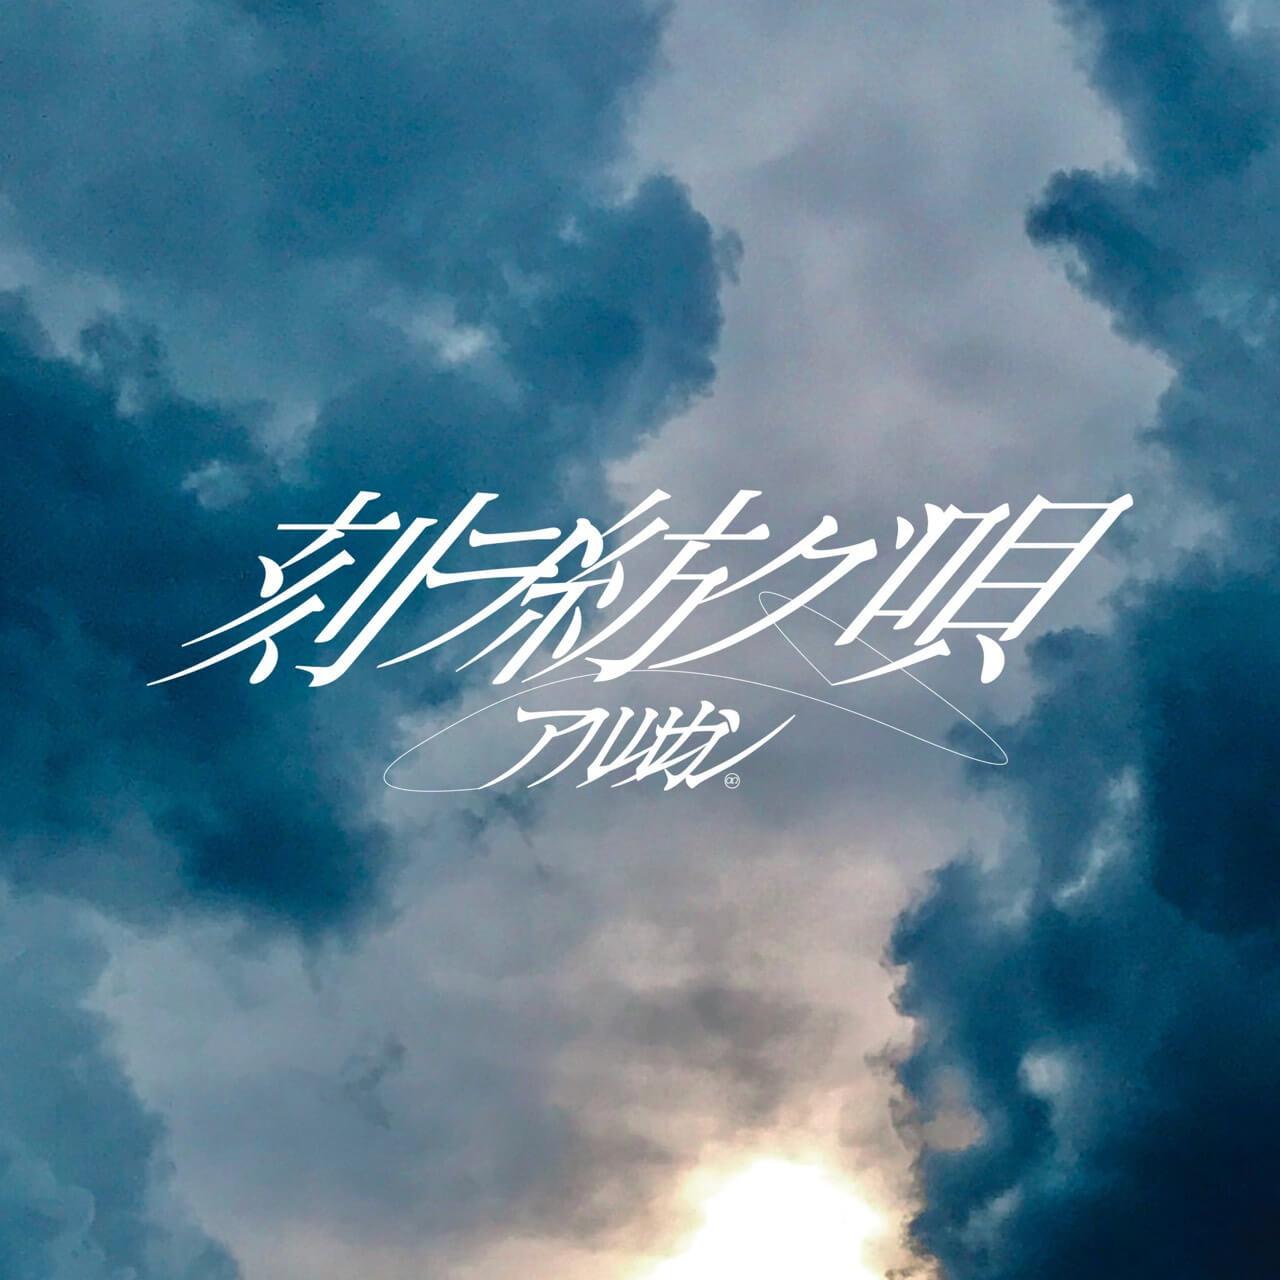 配信限定音源「刻ヲ紡グ唄」